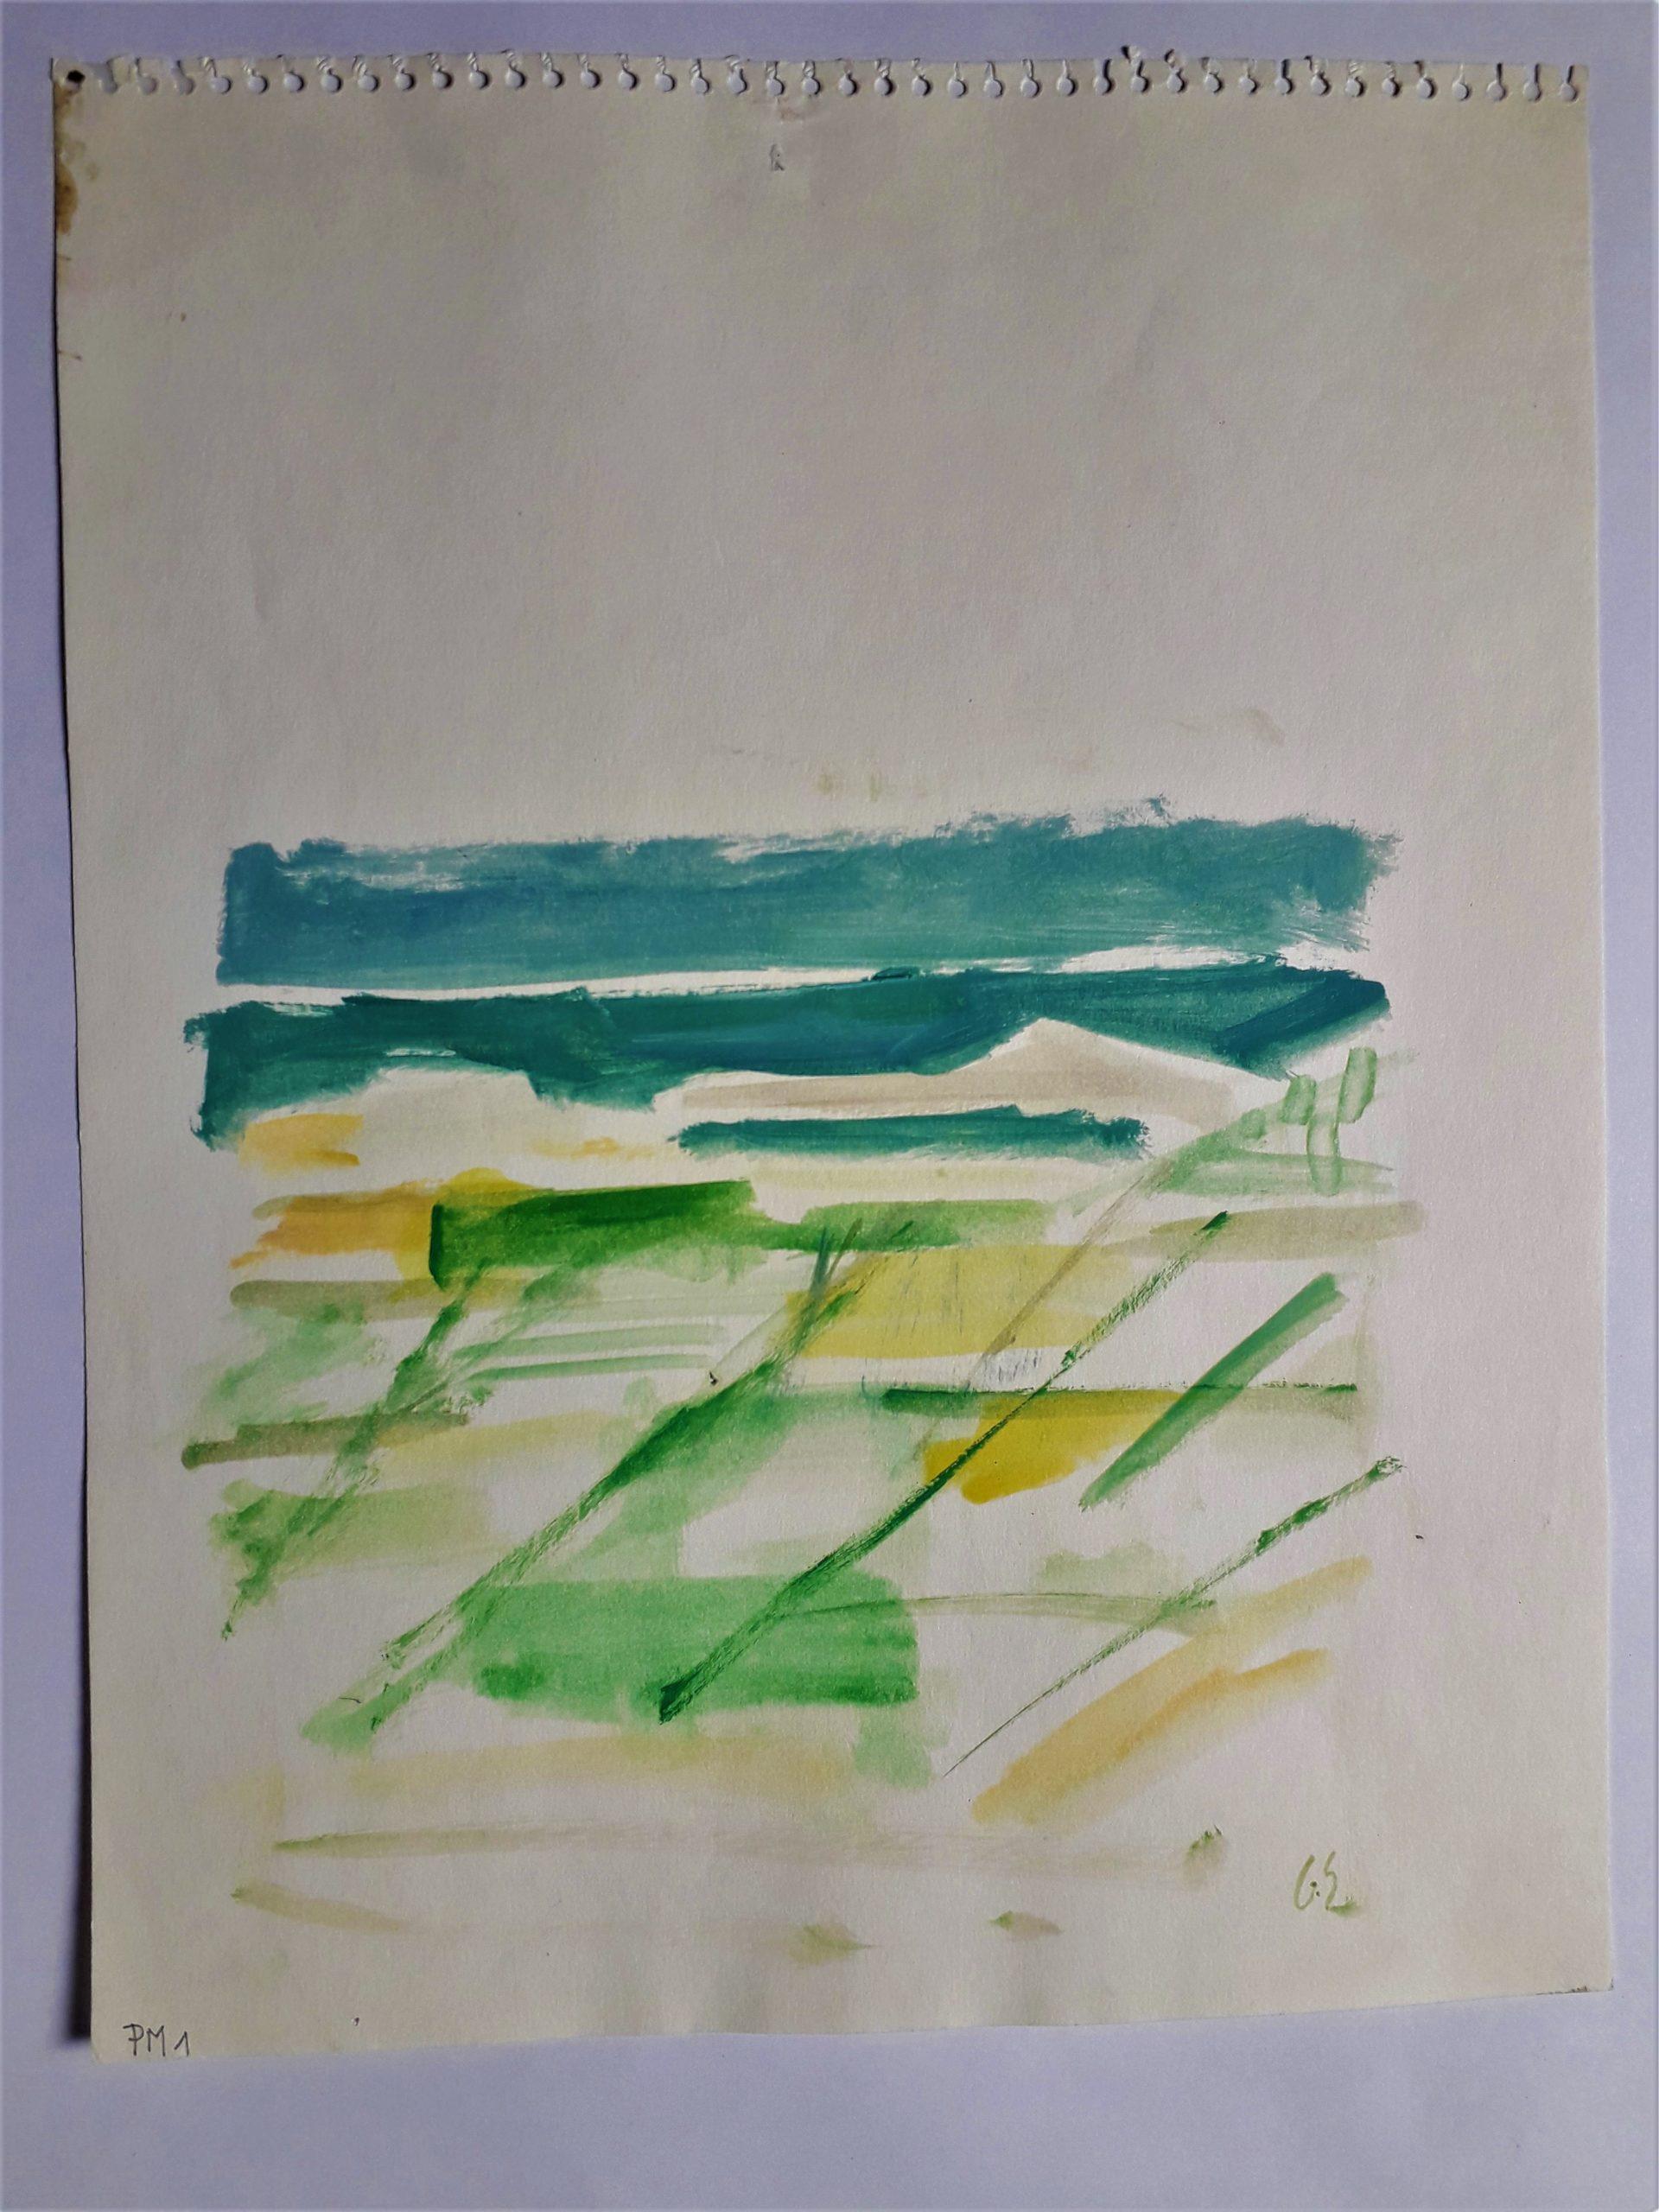 singer-gerard-paysage-marin-pm1ter